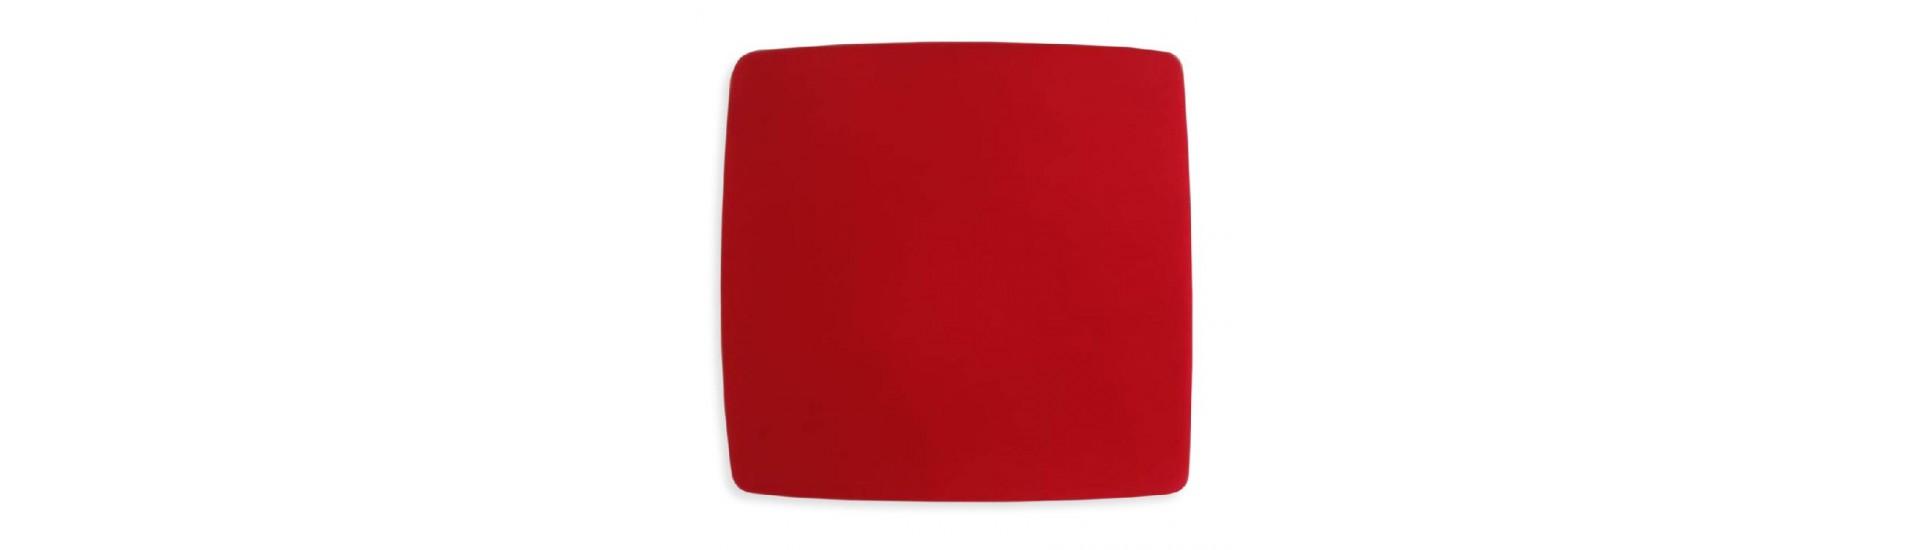 Магнит для штор на тросе Ф-5(Ф-К) Флок красный 14,5 см Квадрат